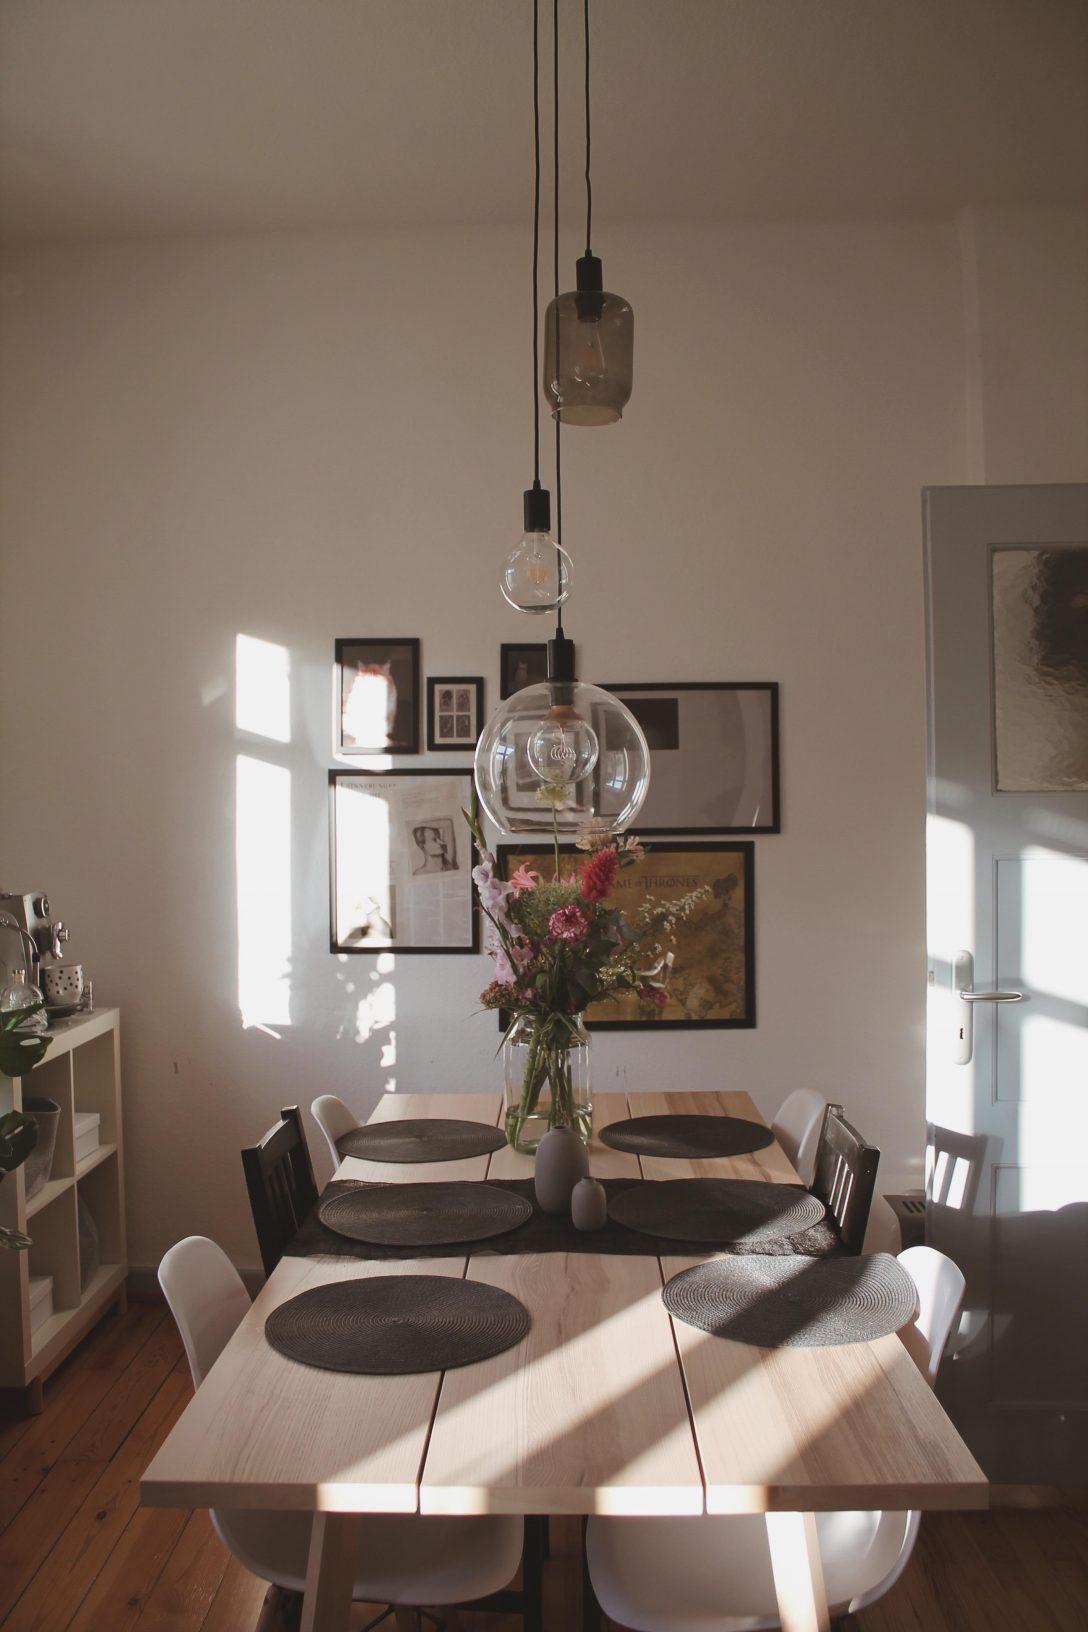 Large Size of Ikea Lampen Lampe Kchenschrank Schrank Einrichtungsideen Mit Dem Stehlampen Wohnzimmer Badezimmer Sofa Schlaffunktion Schlafzimmer Deckenlampen Für Miniküche Wohnzimmer Ikea Lampen